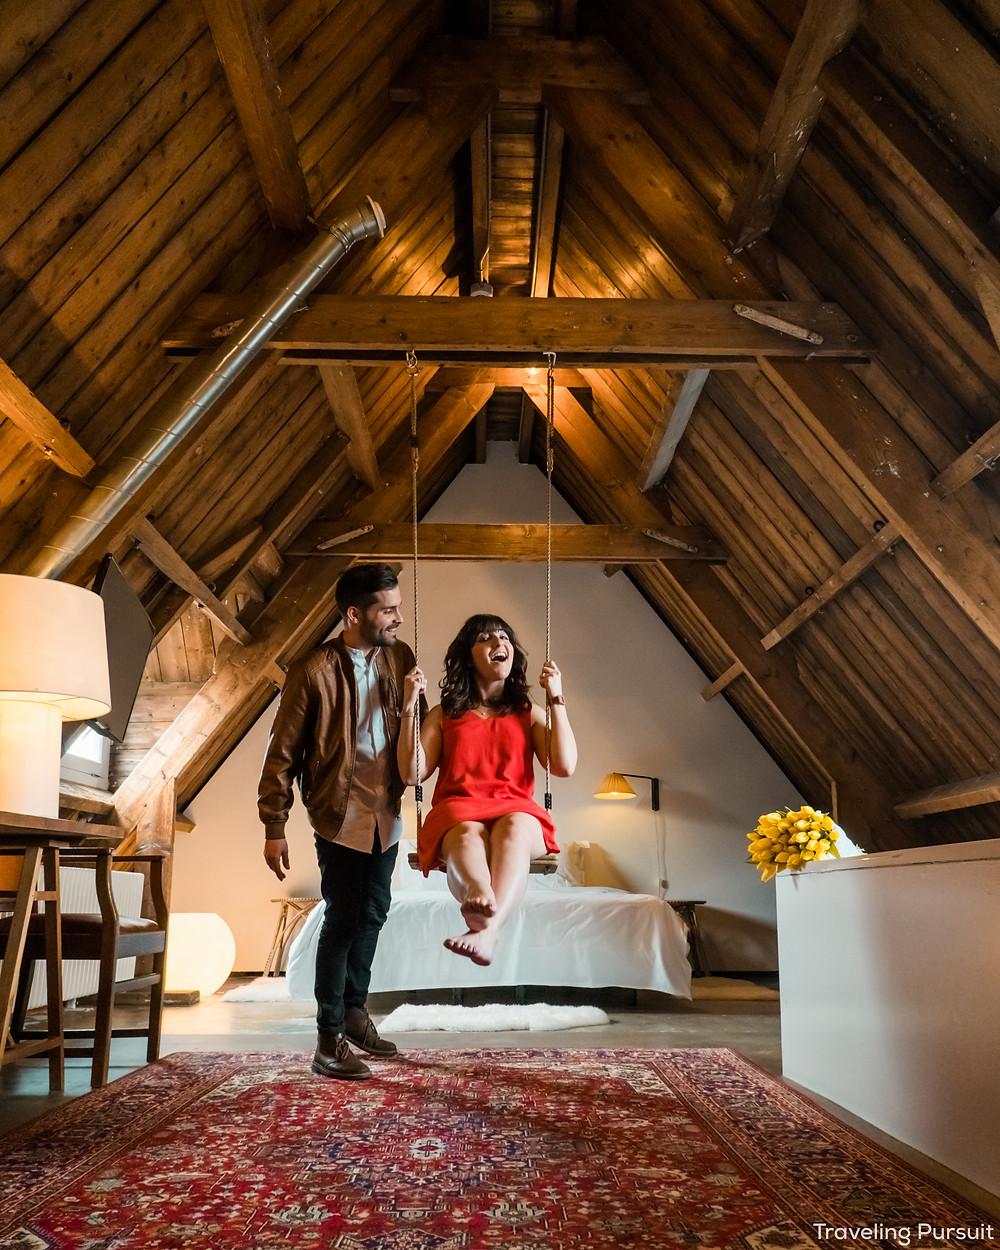 lloyd hotel swing amsterdam